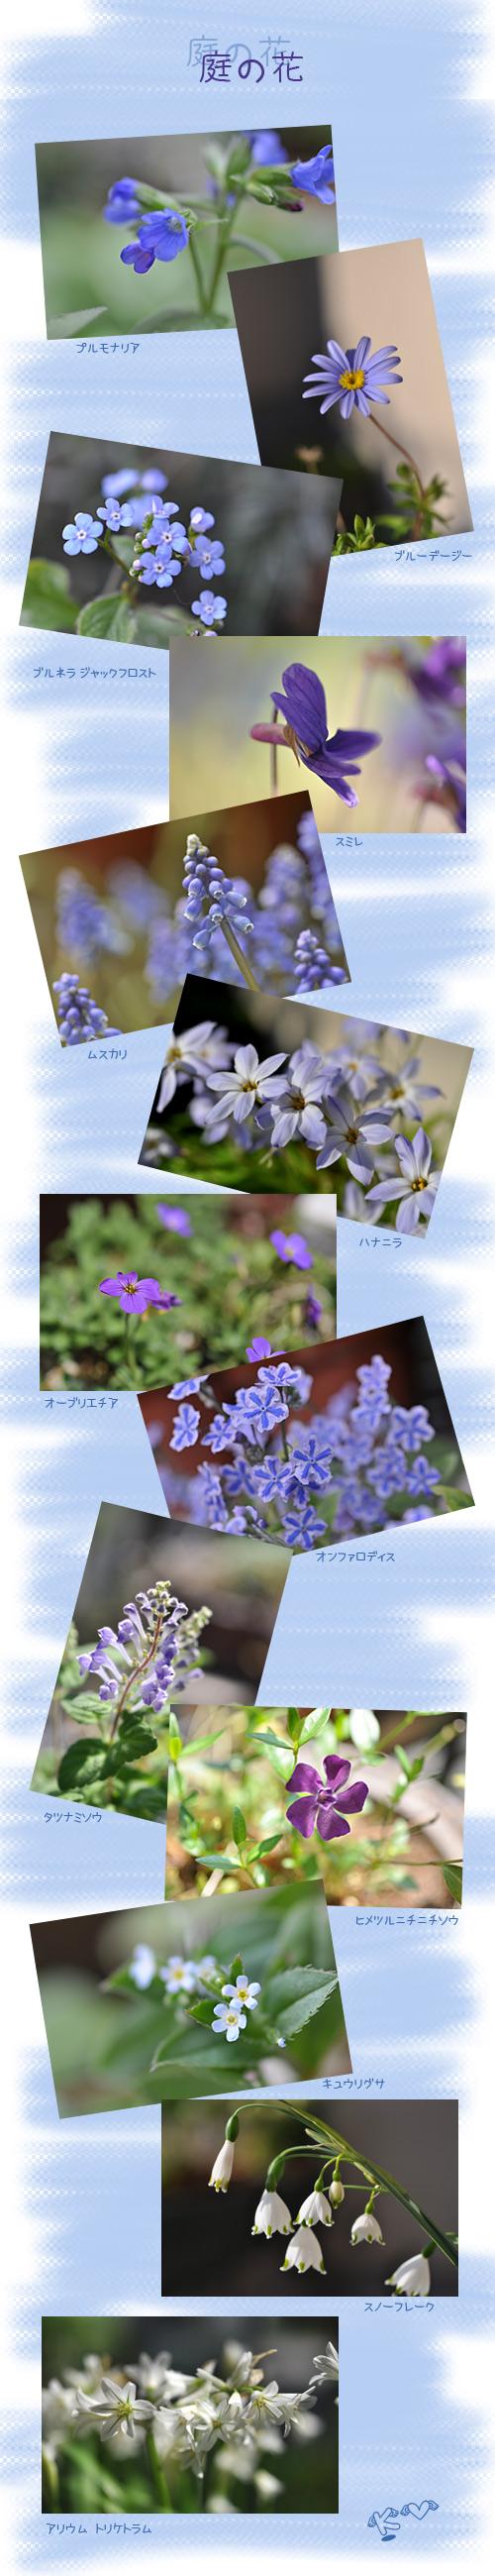 4月13日庭の花